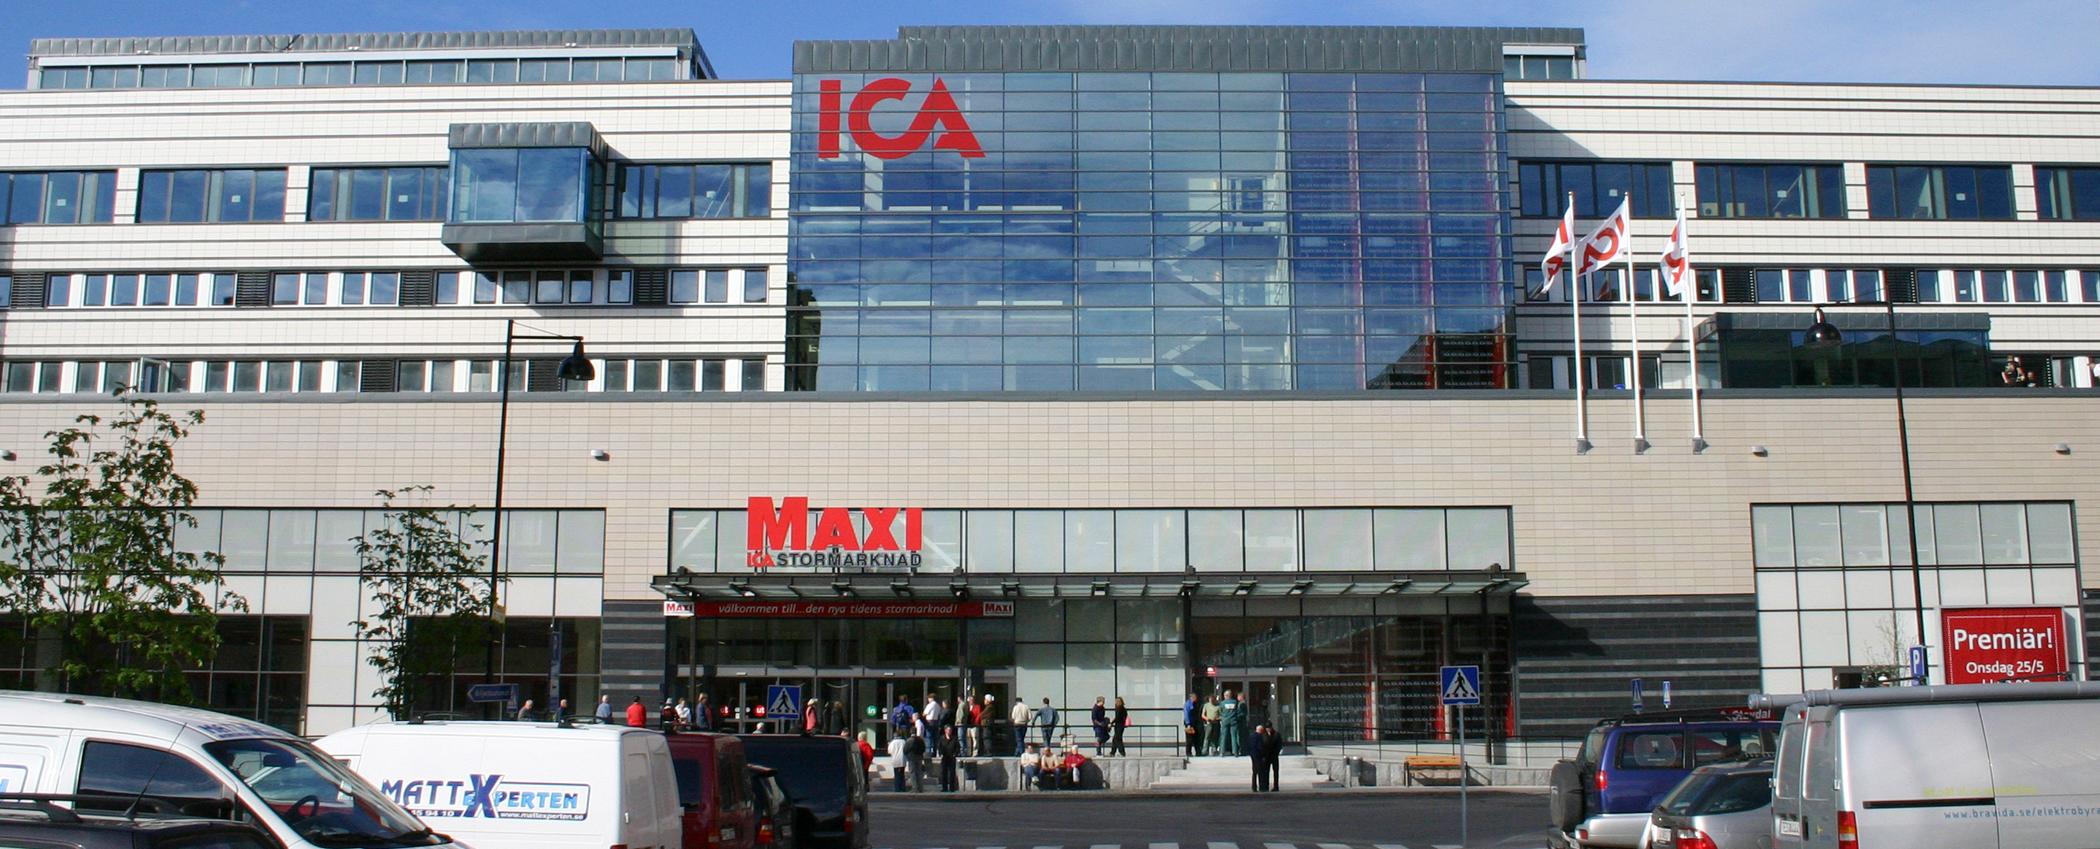 Fjälster Ica Maxi